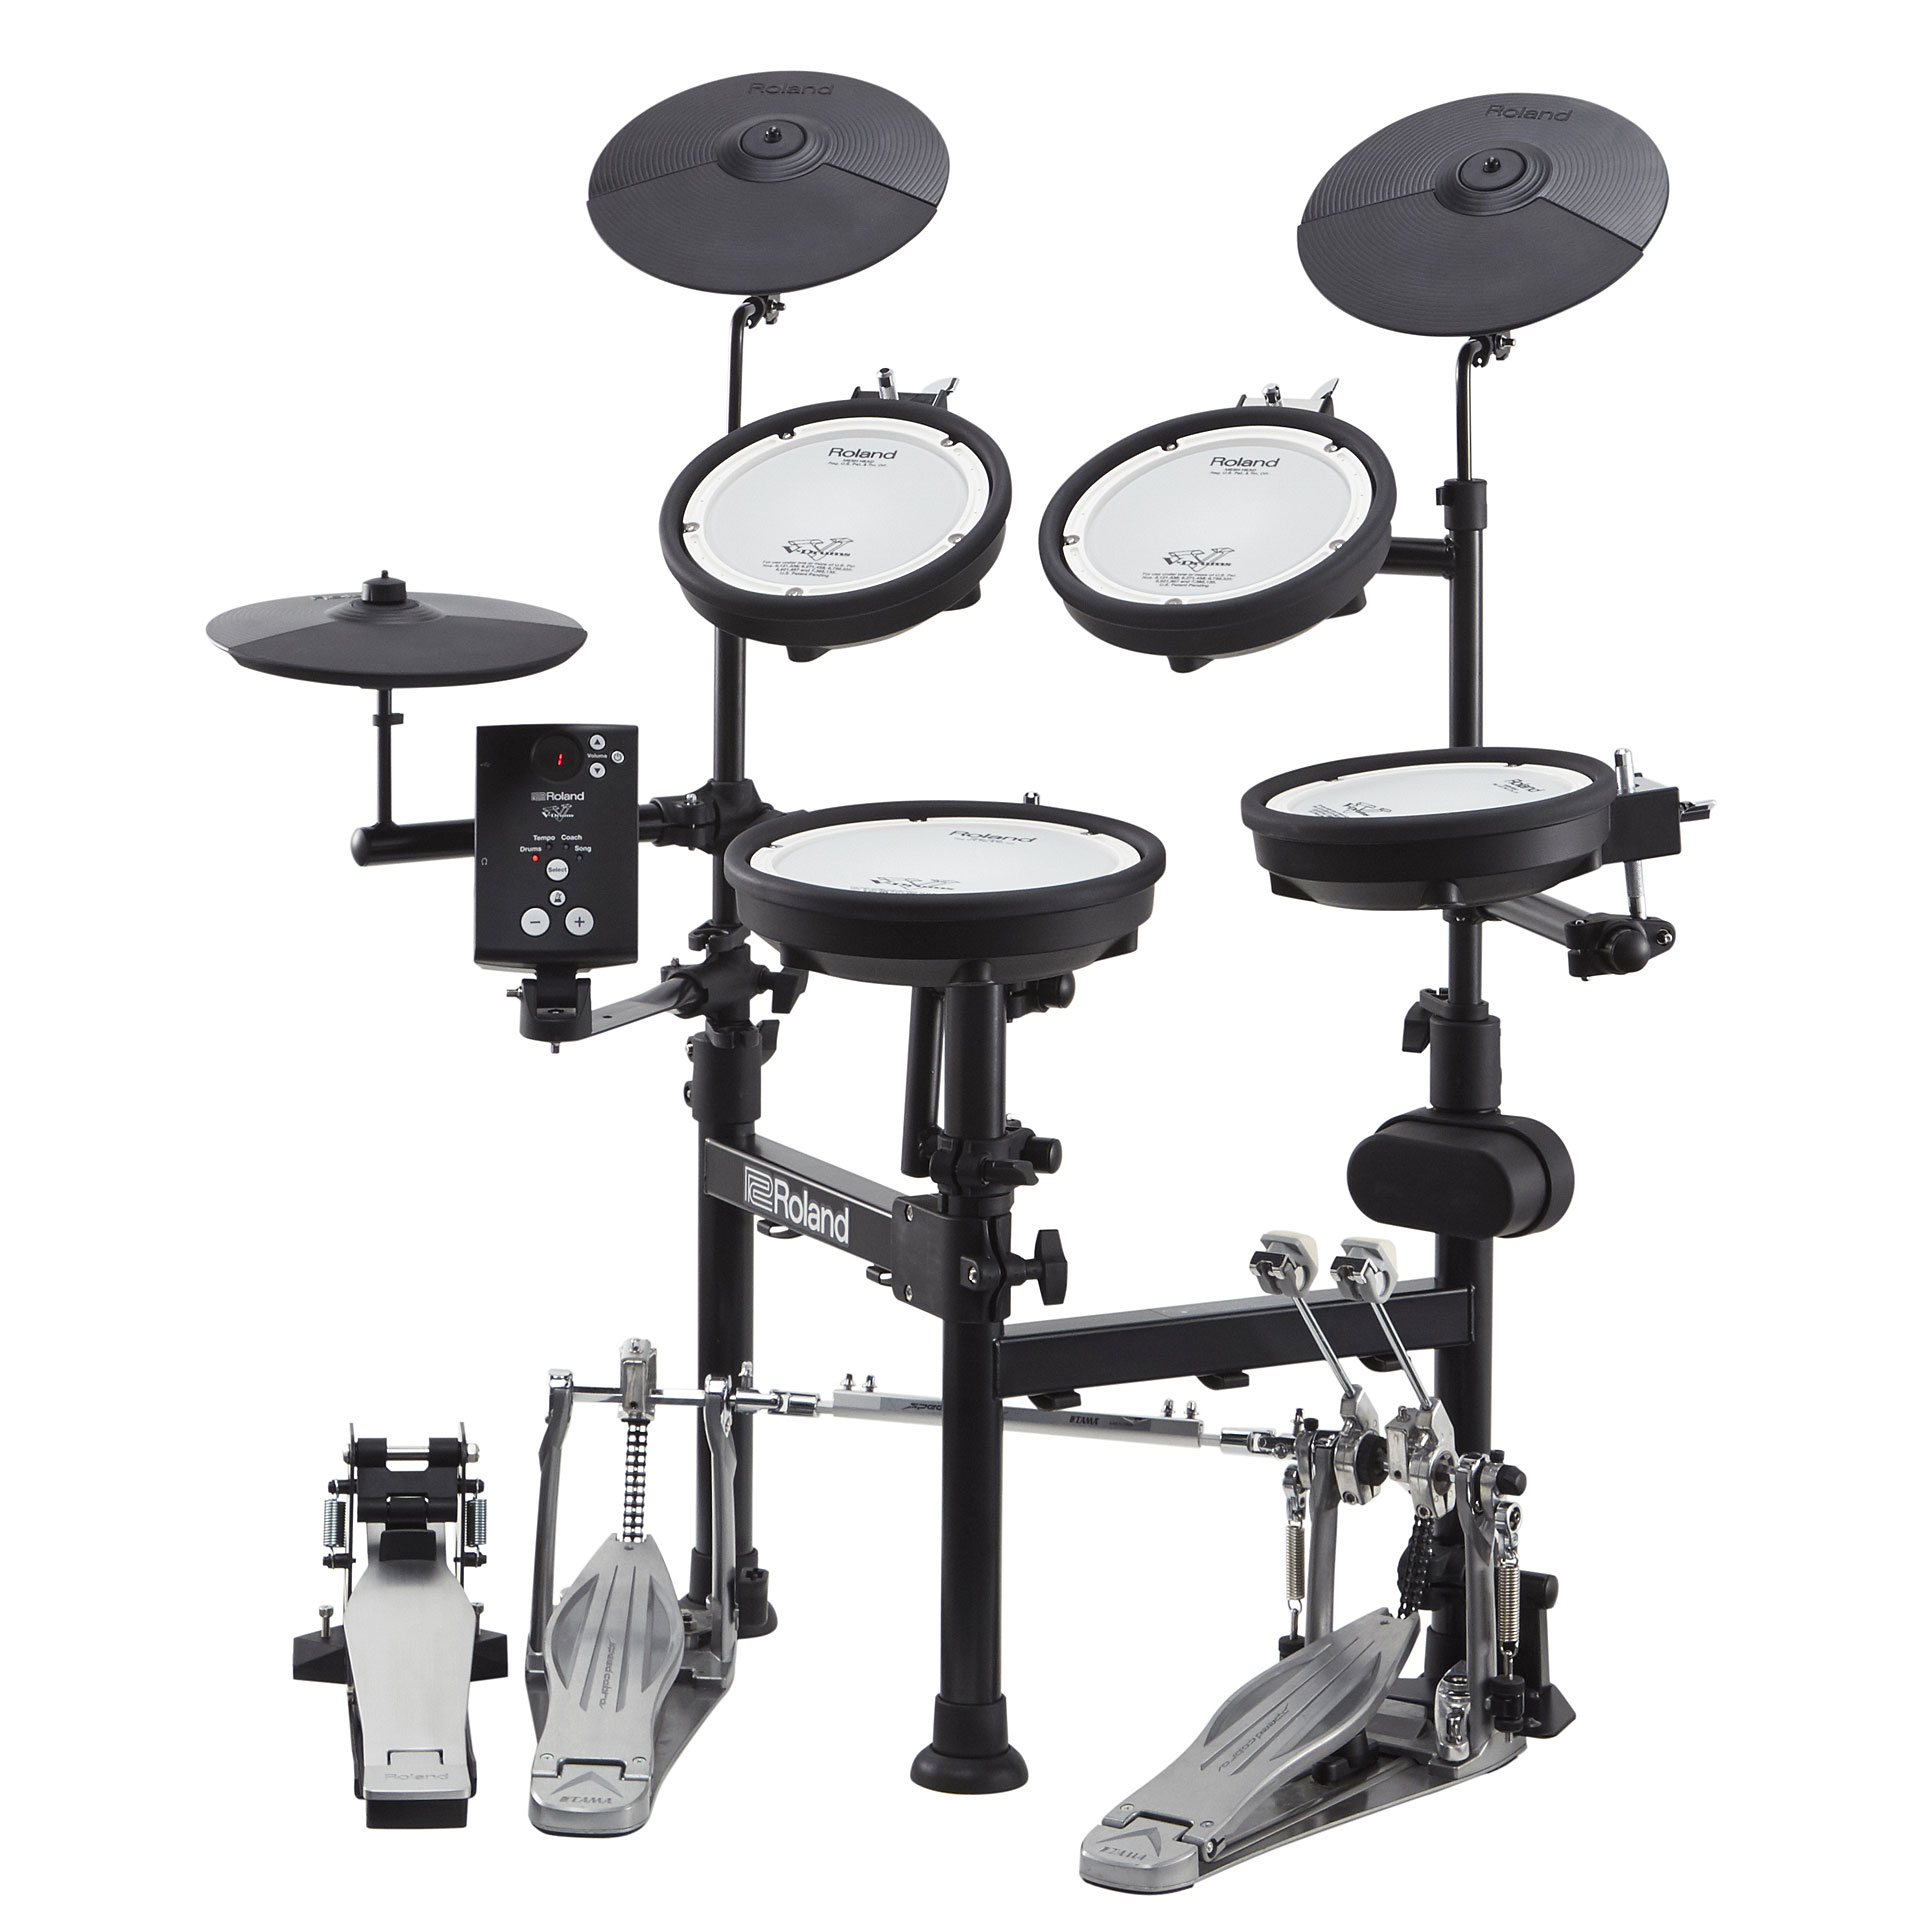 Midi Setup For Yamaha Dtx Drums